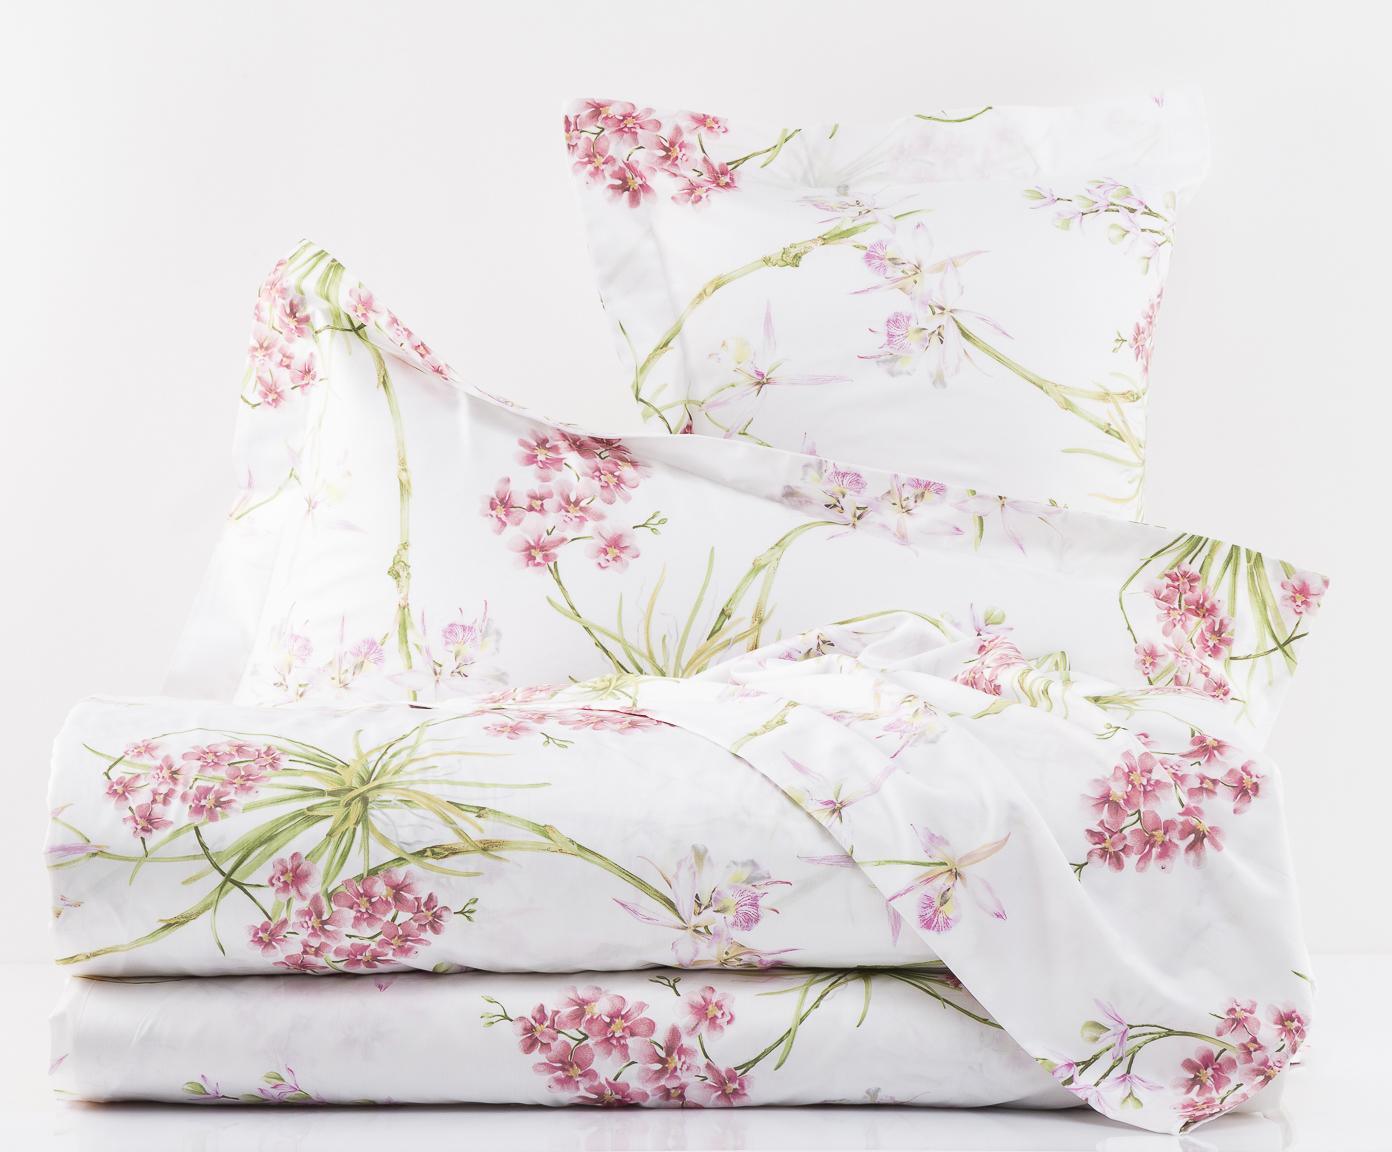 Постельное Постельное белье 2 спальное евро макси Mirabello Orchidee розовое komplekt-postelnogo-belya-orchidee-ot-mirabello-italiya.jpg